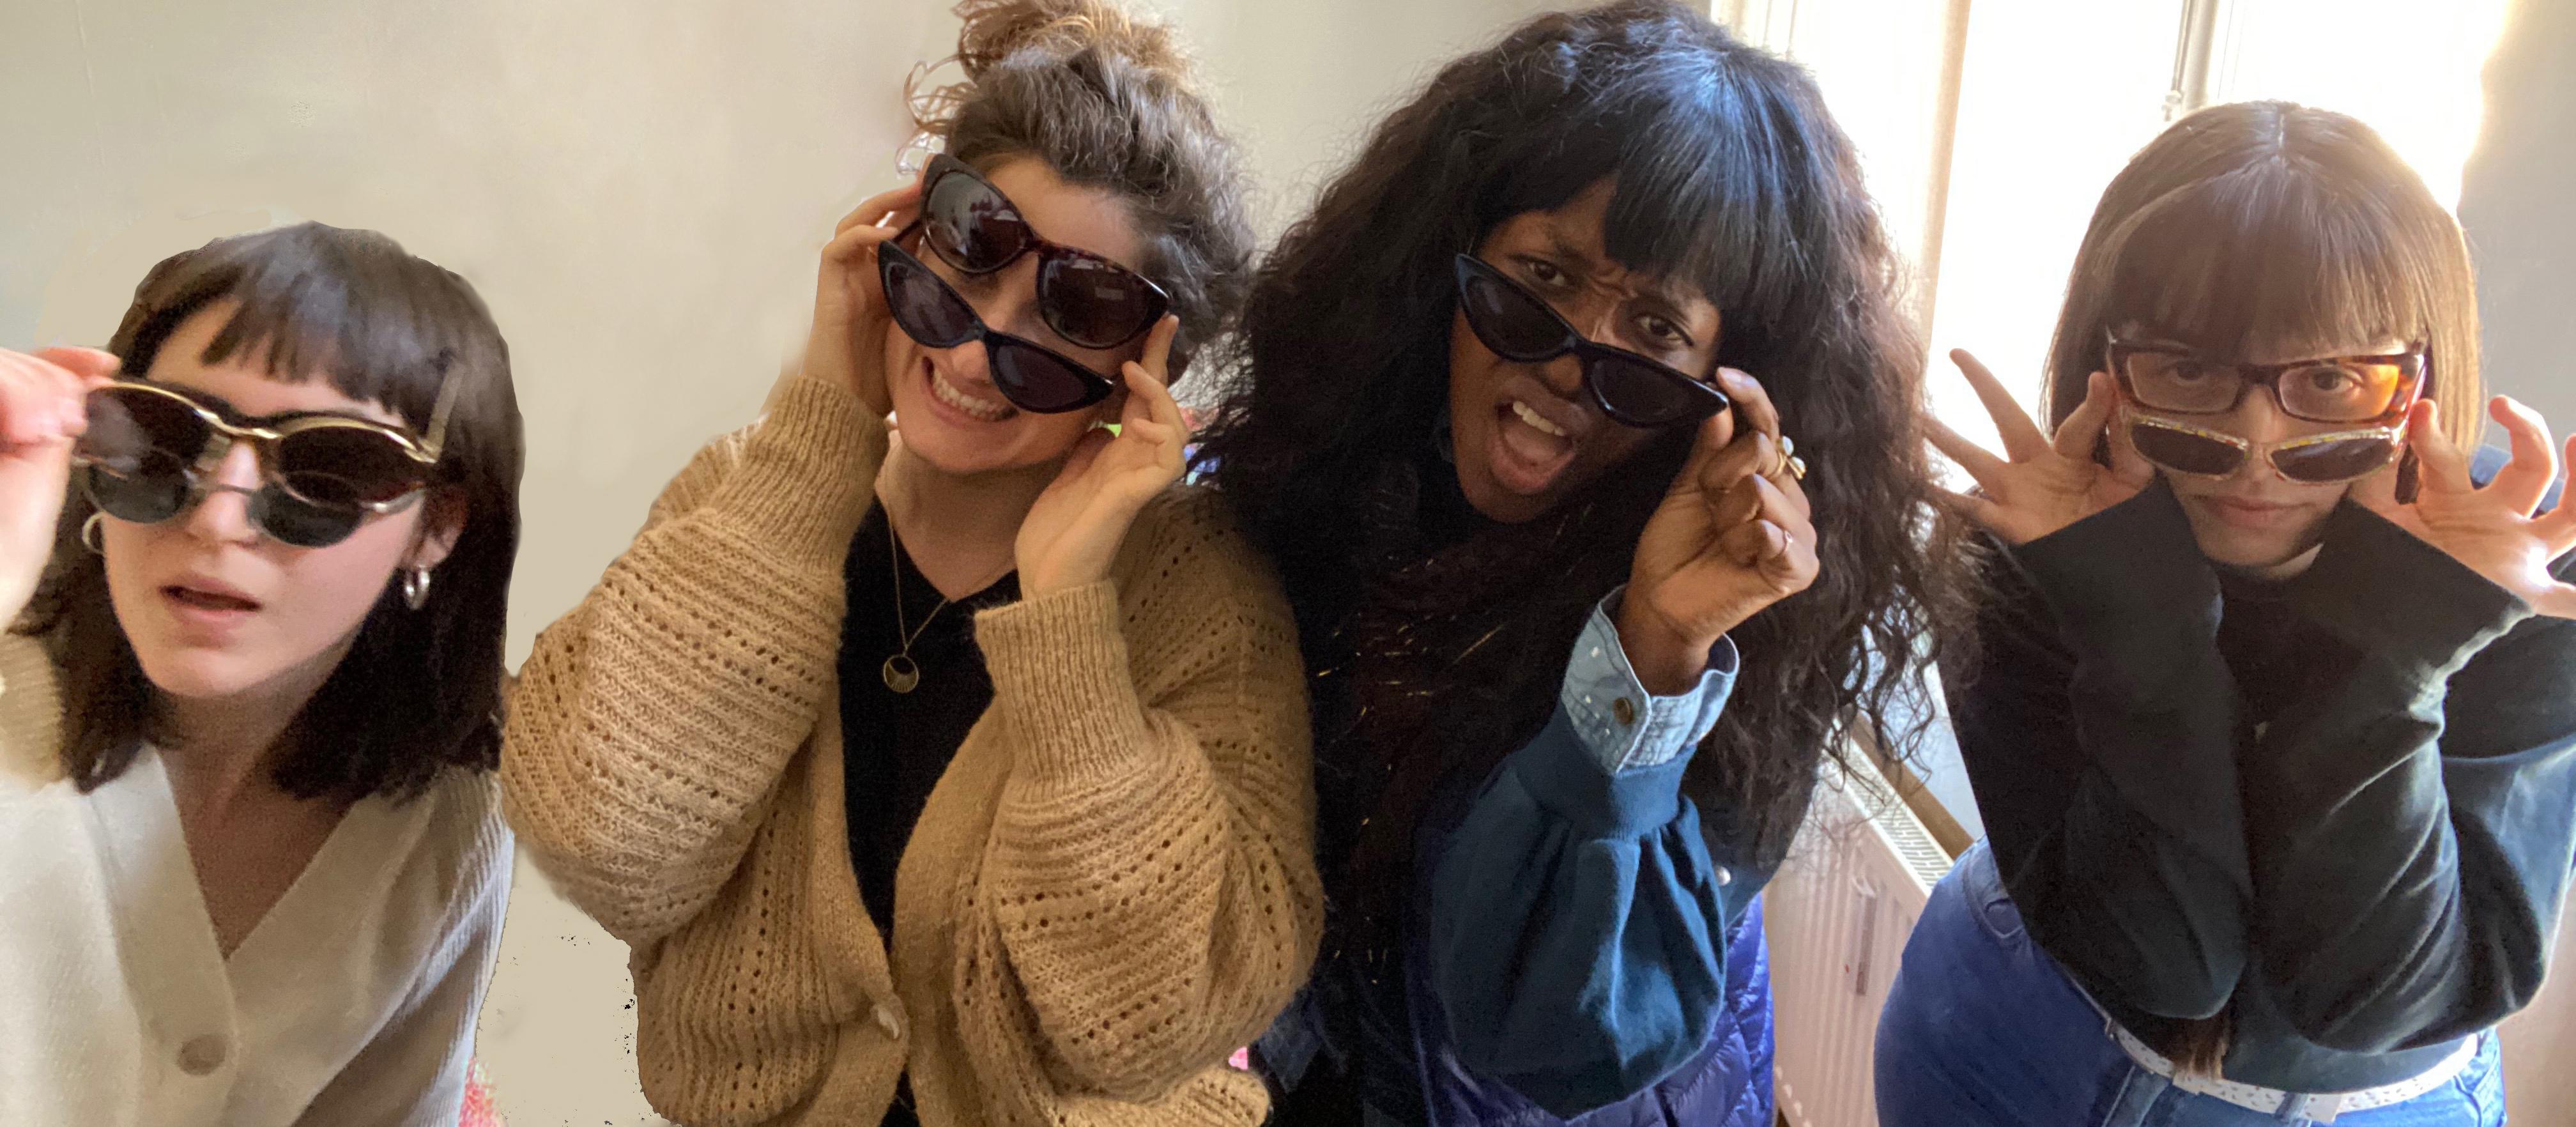 Durch welche Brillen sehen wir die Welt? / Rechercheprojekt im Rahmen der #TakeCareResidenzen